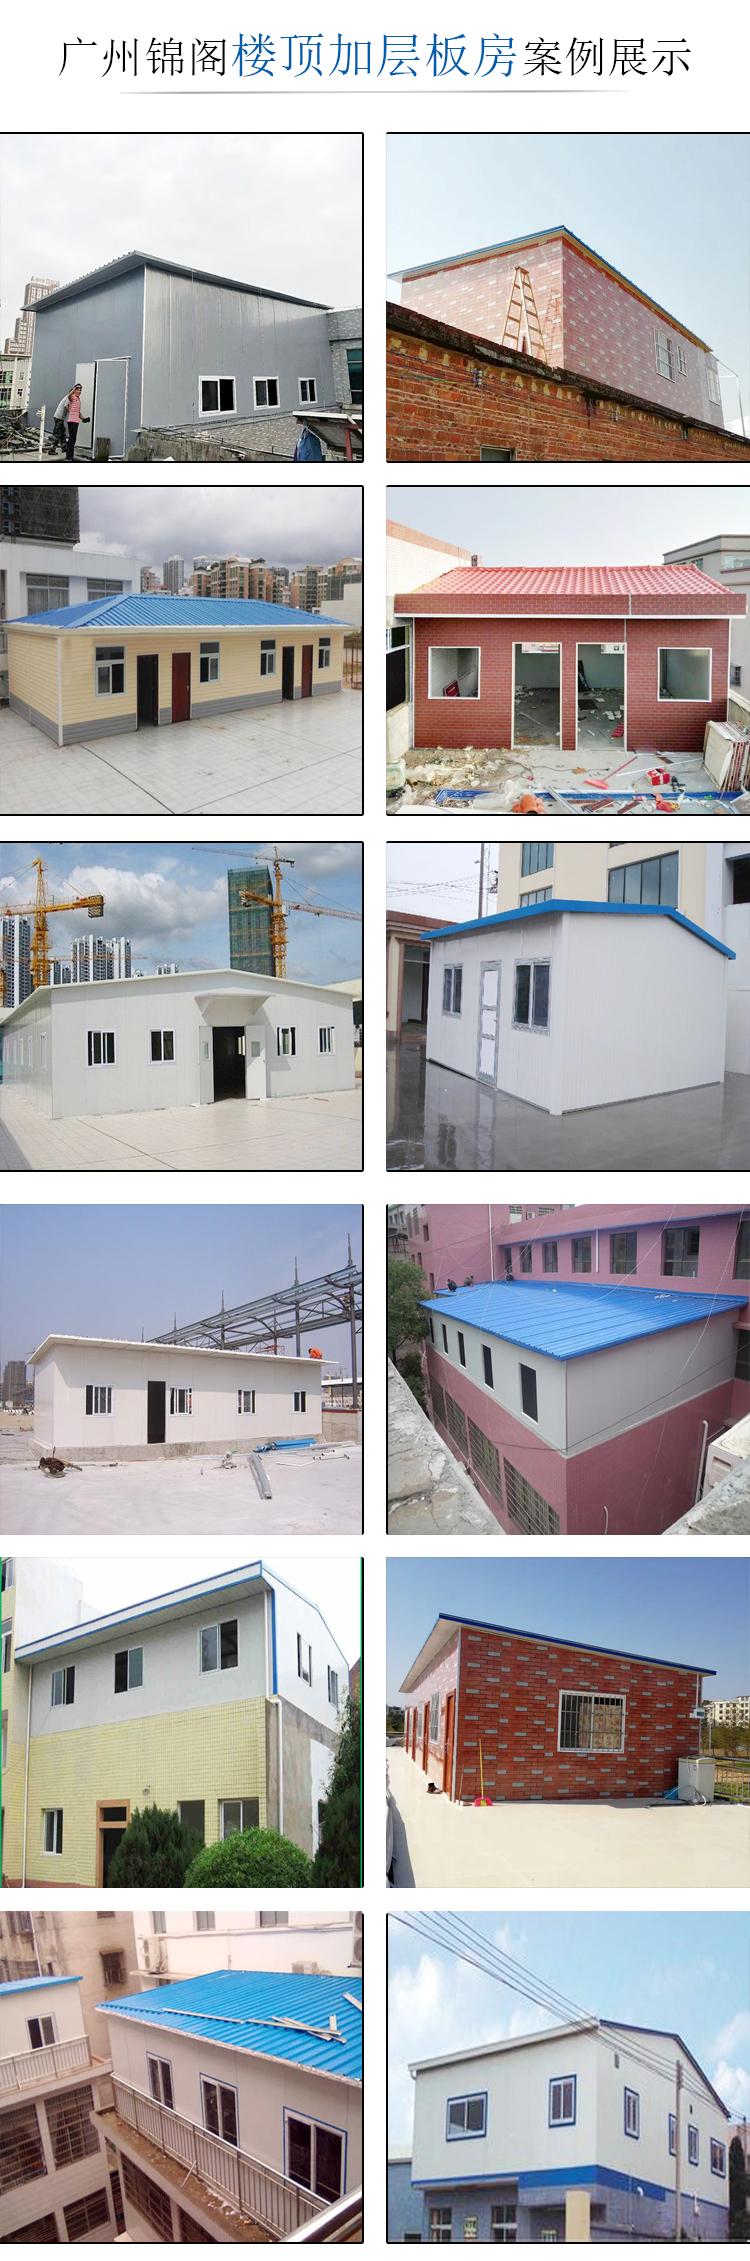 楼顶加层活动板房产品案例.jpg